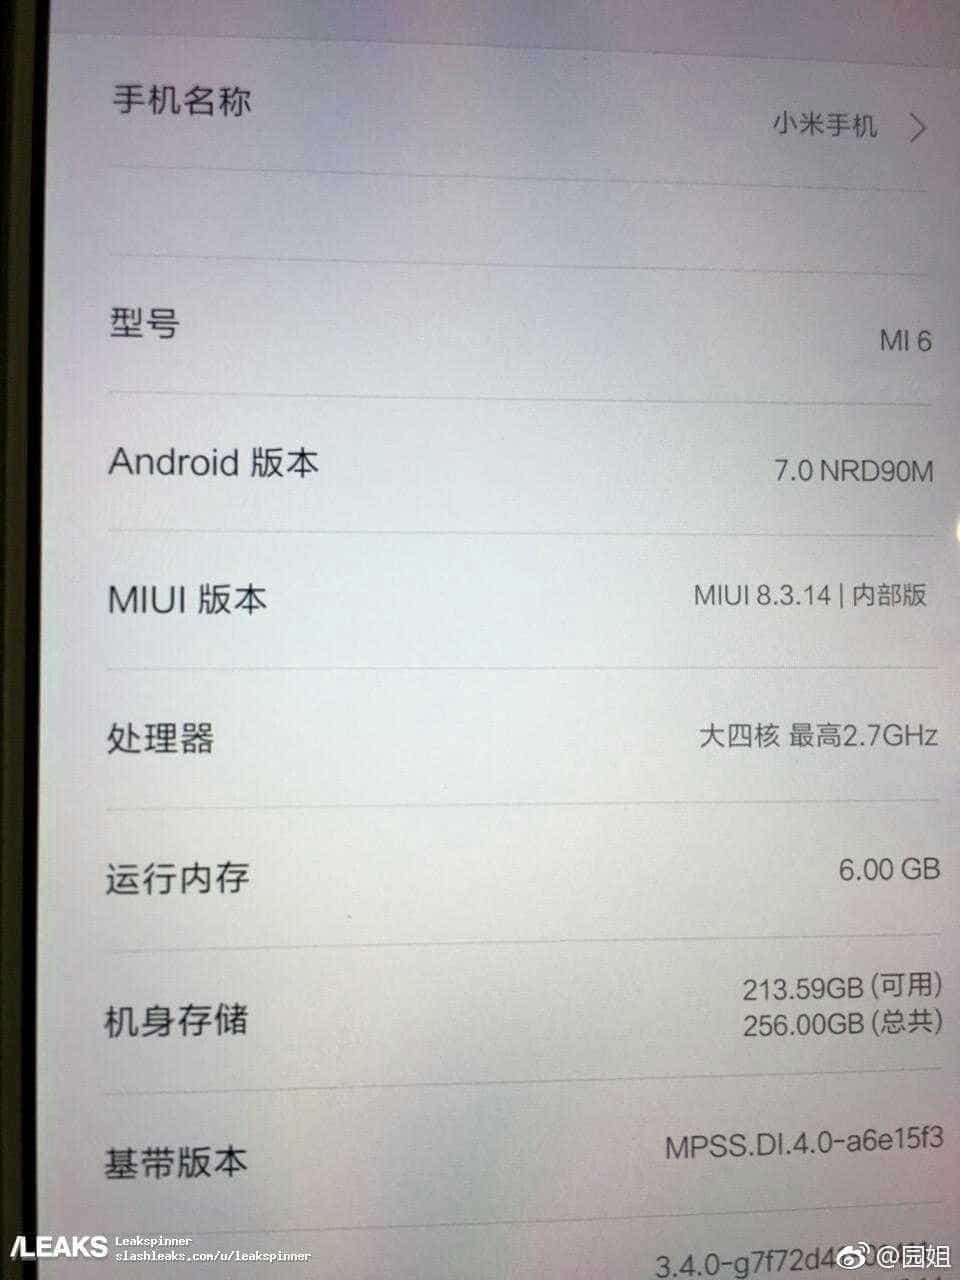 Imagem comprova alto desempenho do novo Xiaomi